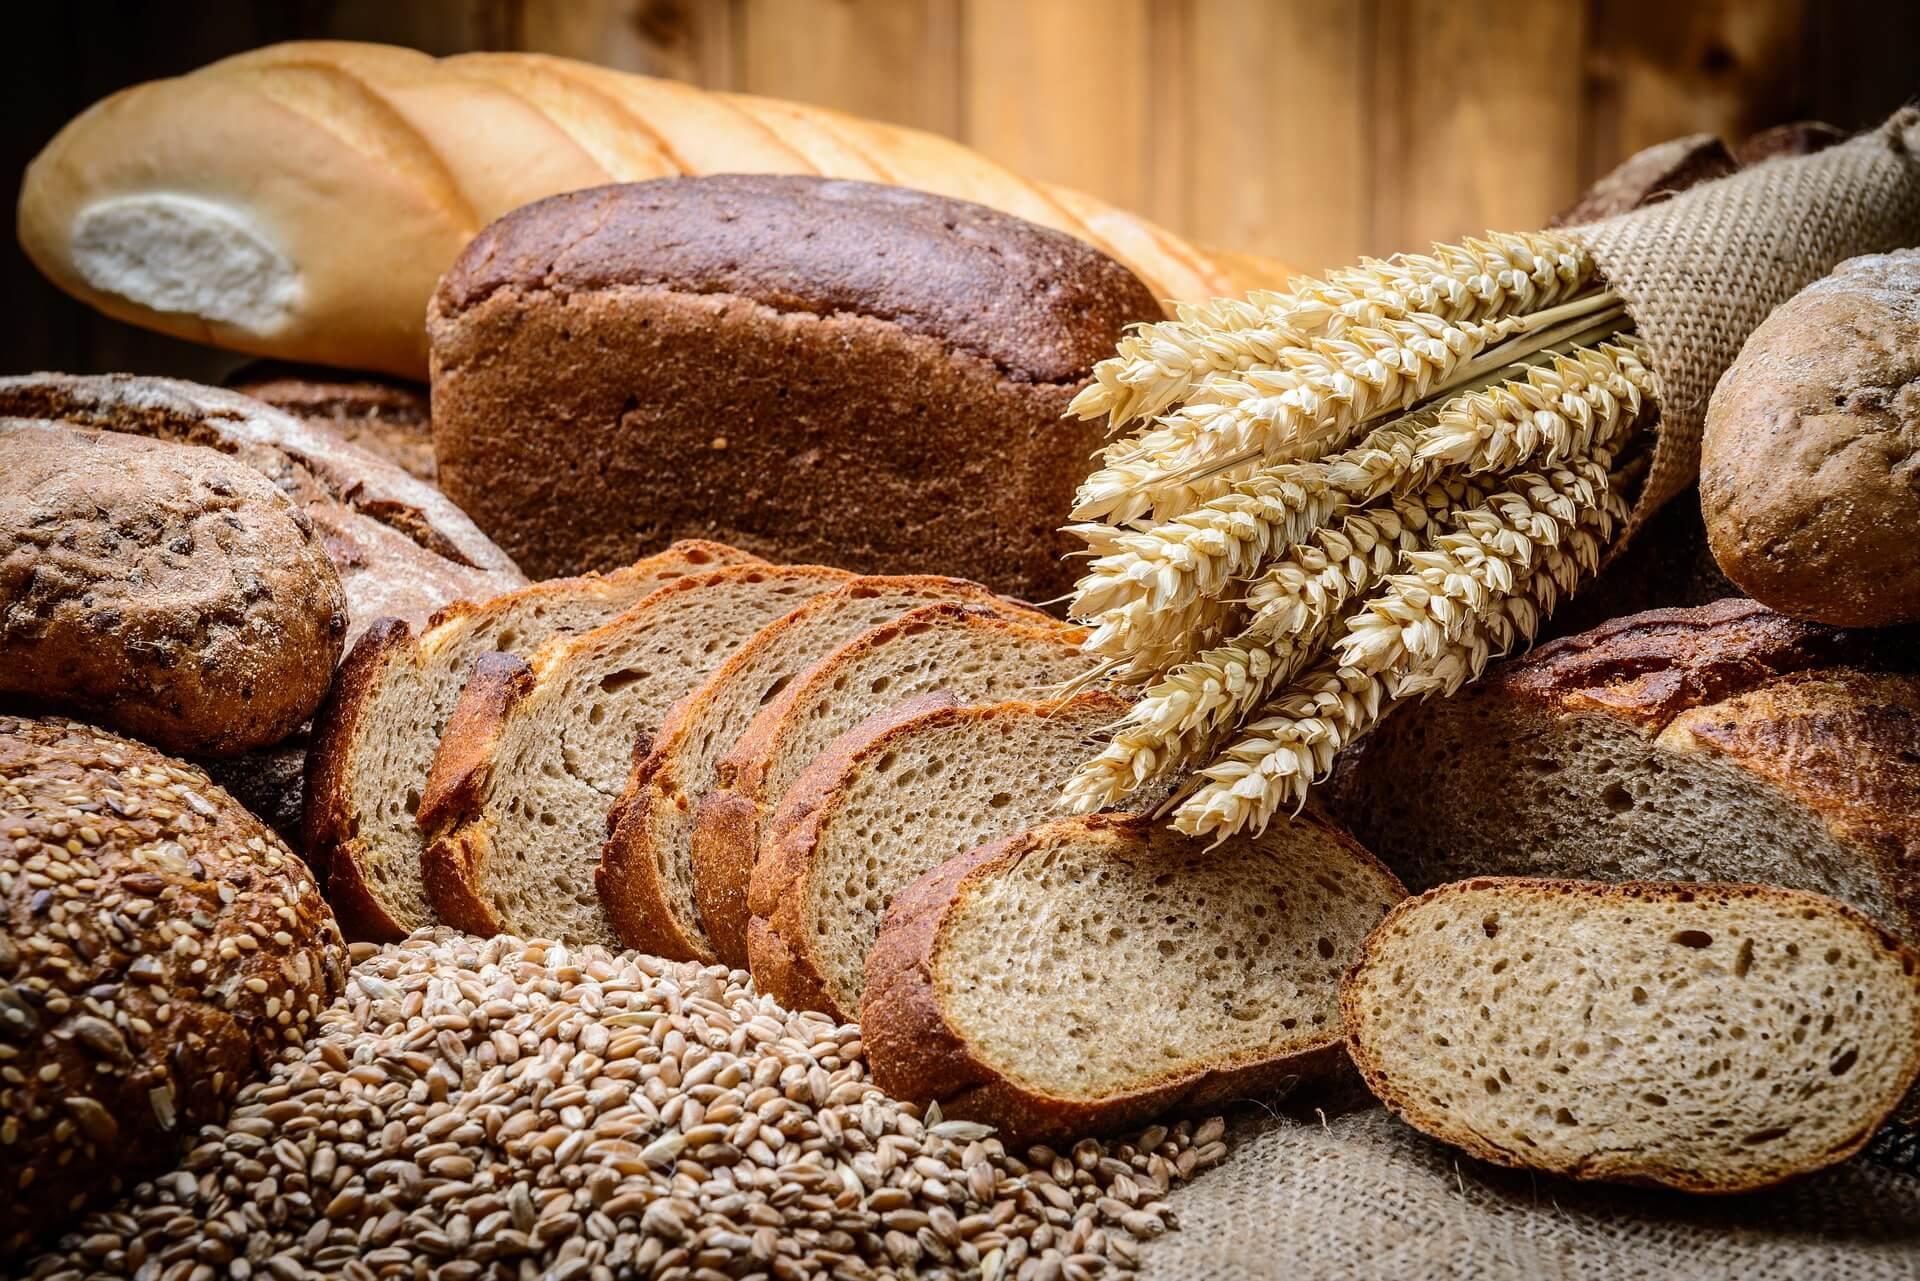 تصویر نمایشگاه آرد و نان